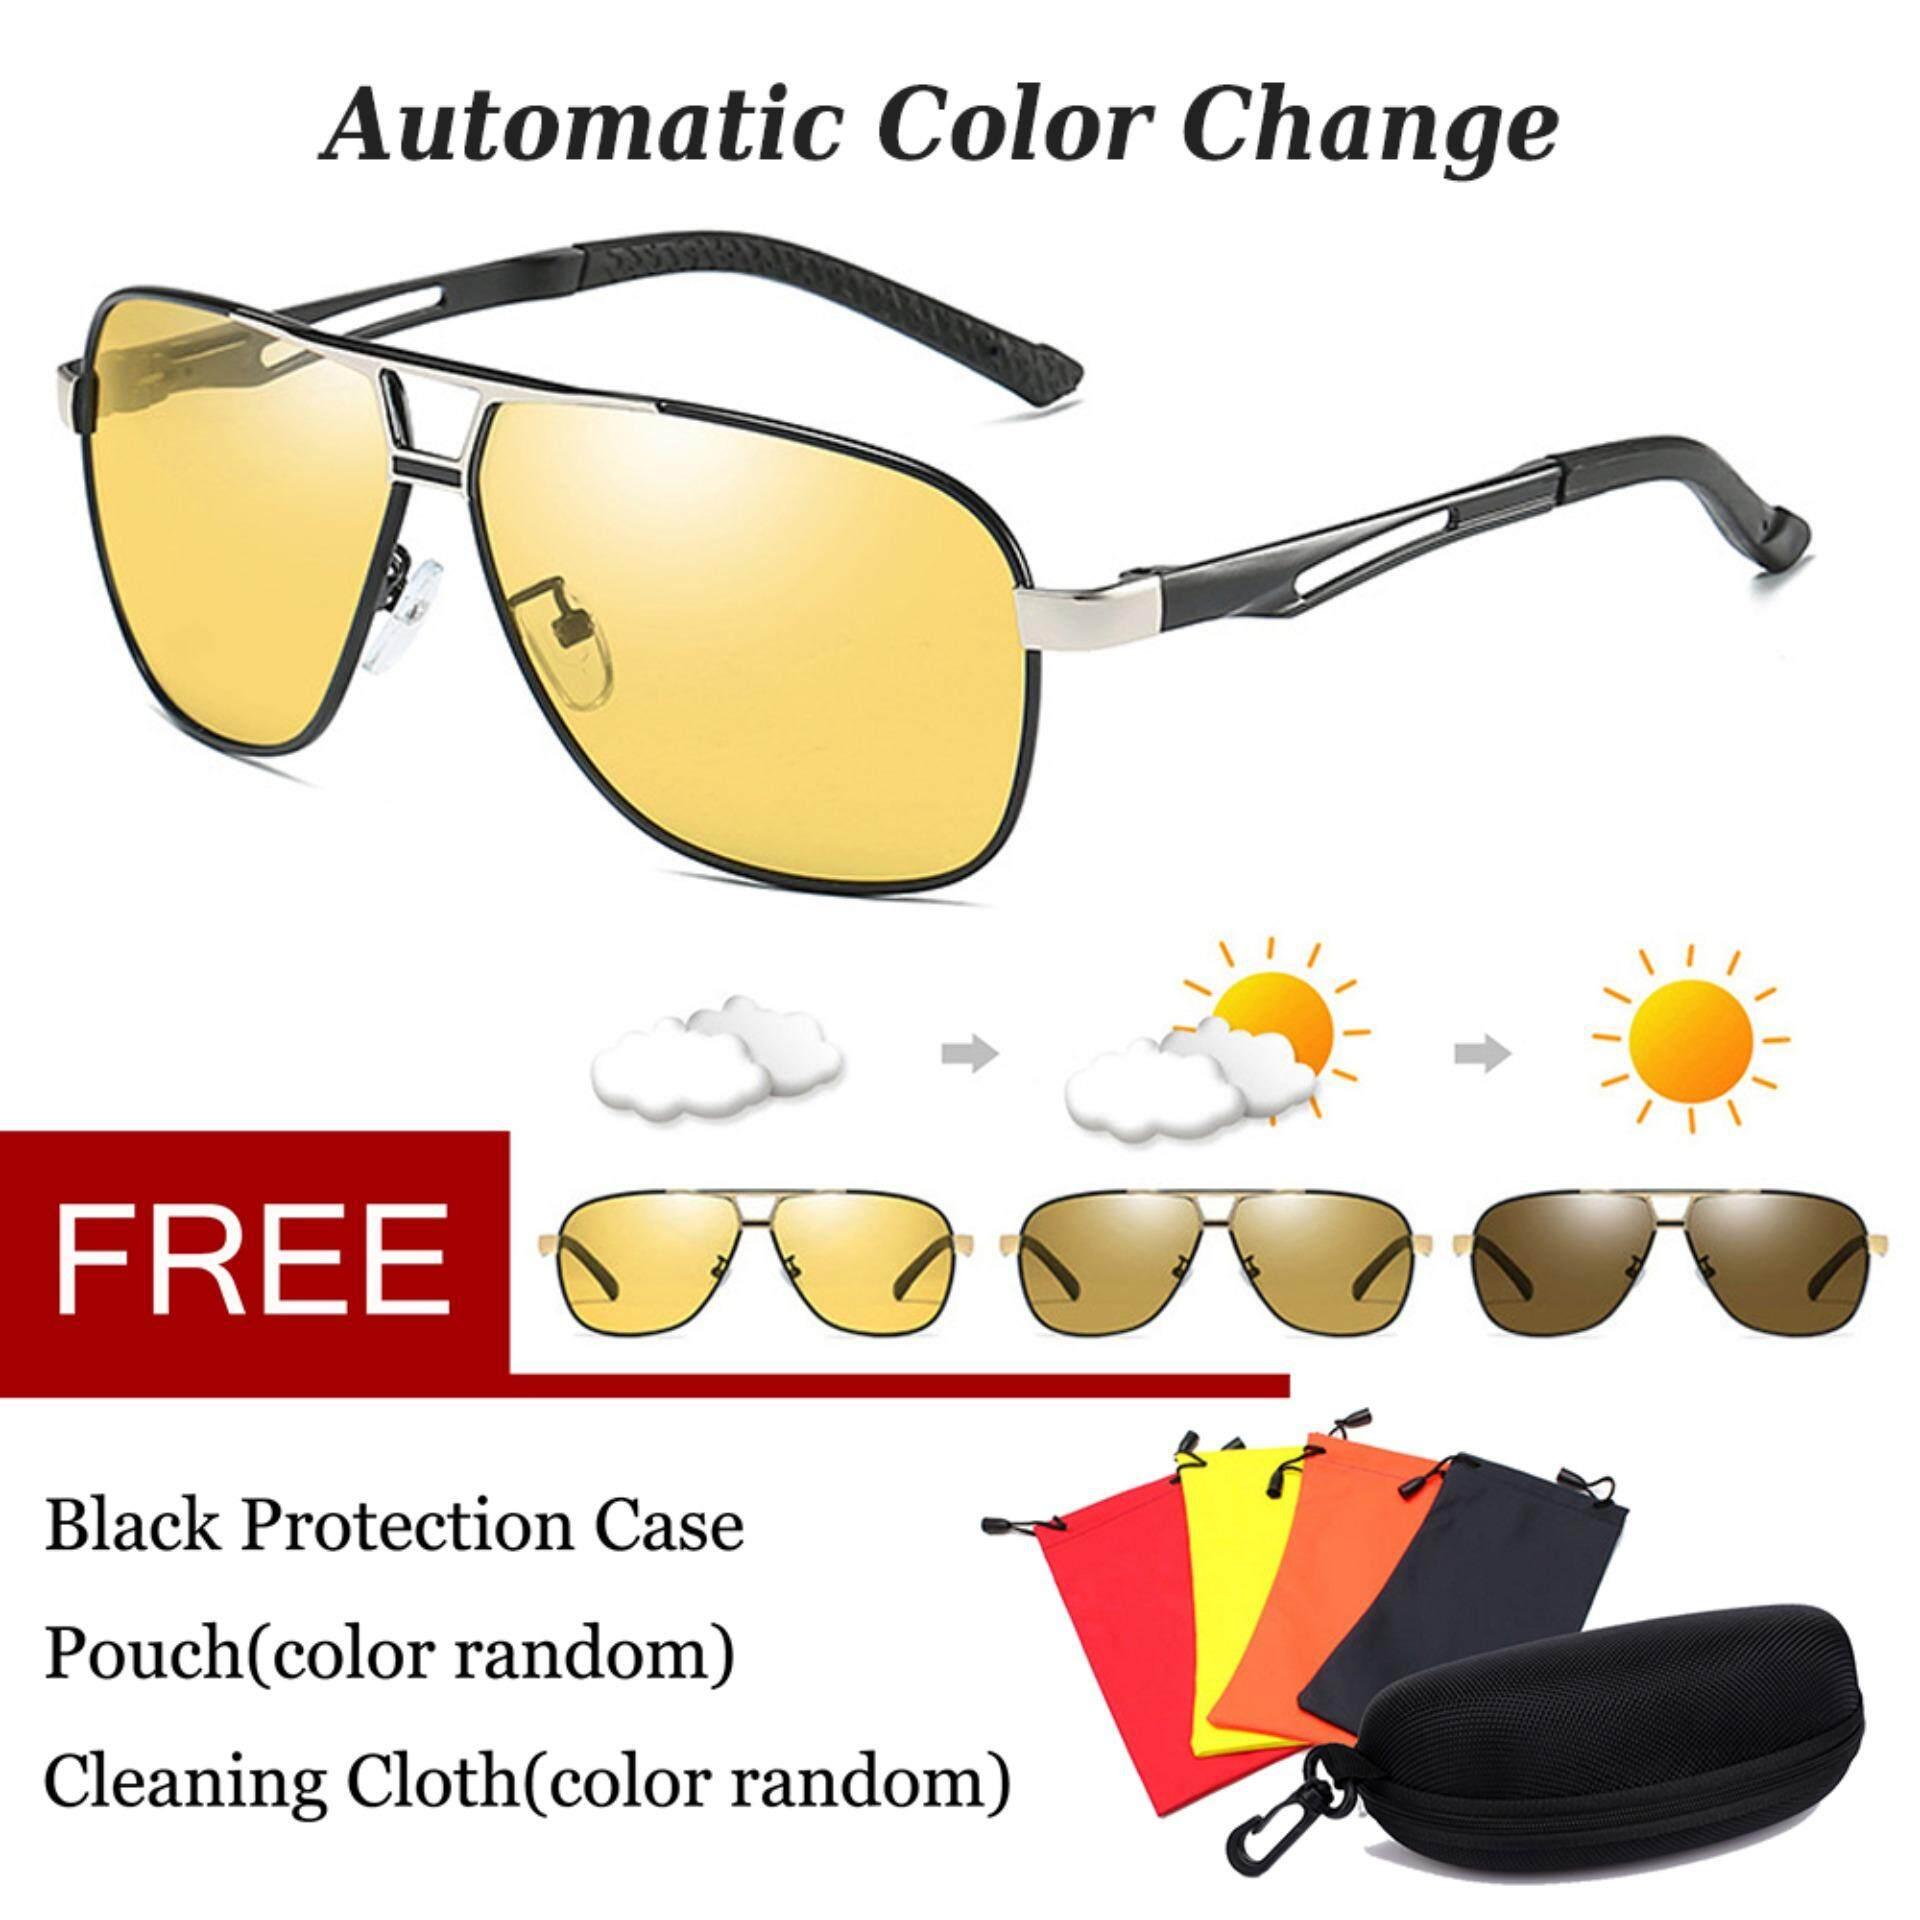 เลนส์เปลี่ยนสีโพลาไรซ์แว่นตากันแดดเปลี่ยนสีเปลี่ยนสีเลนส์การมองเห็นได้ในเวลากลางคืนอลูมิเนียมแว่นตา Anti Glare HD แว่นตาสำหรับขับรถ UV400 Unisex